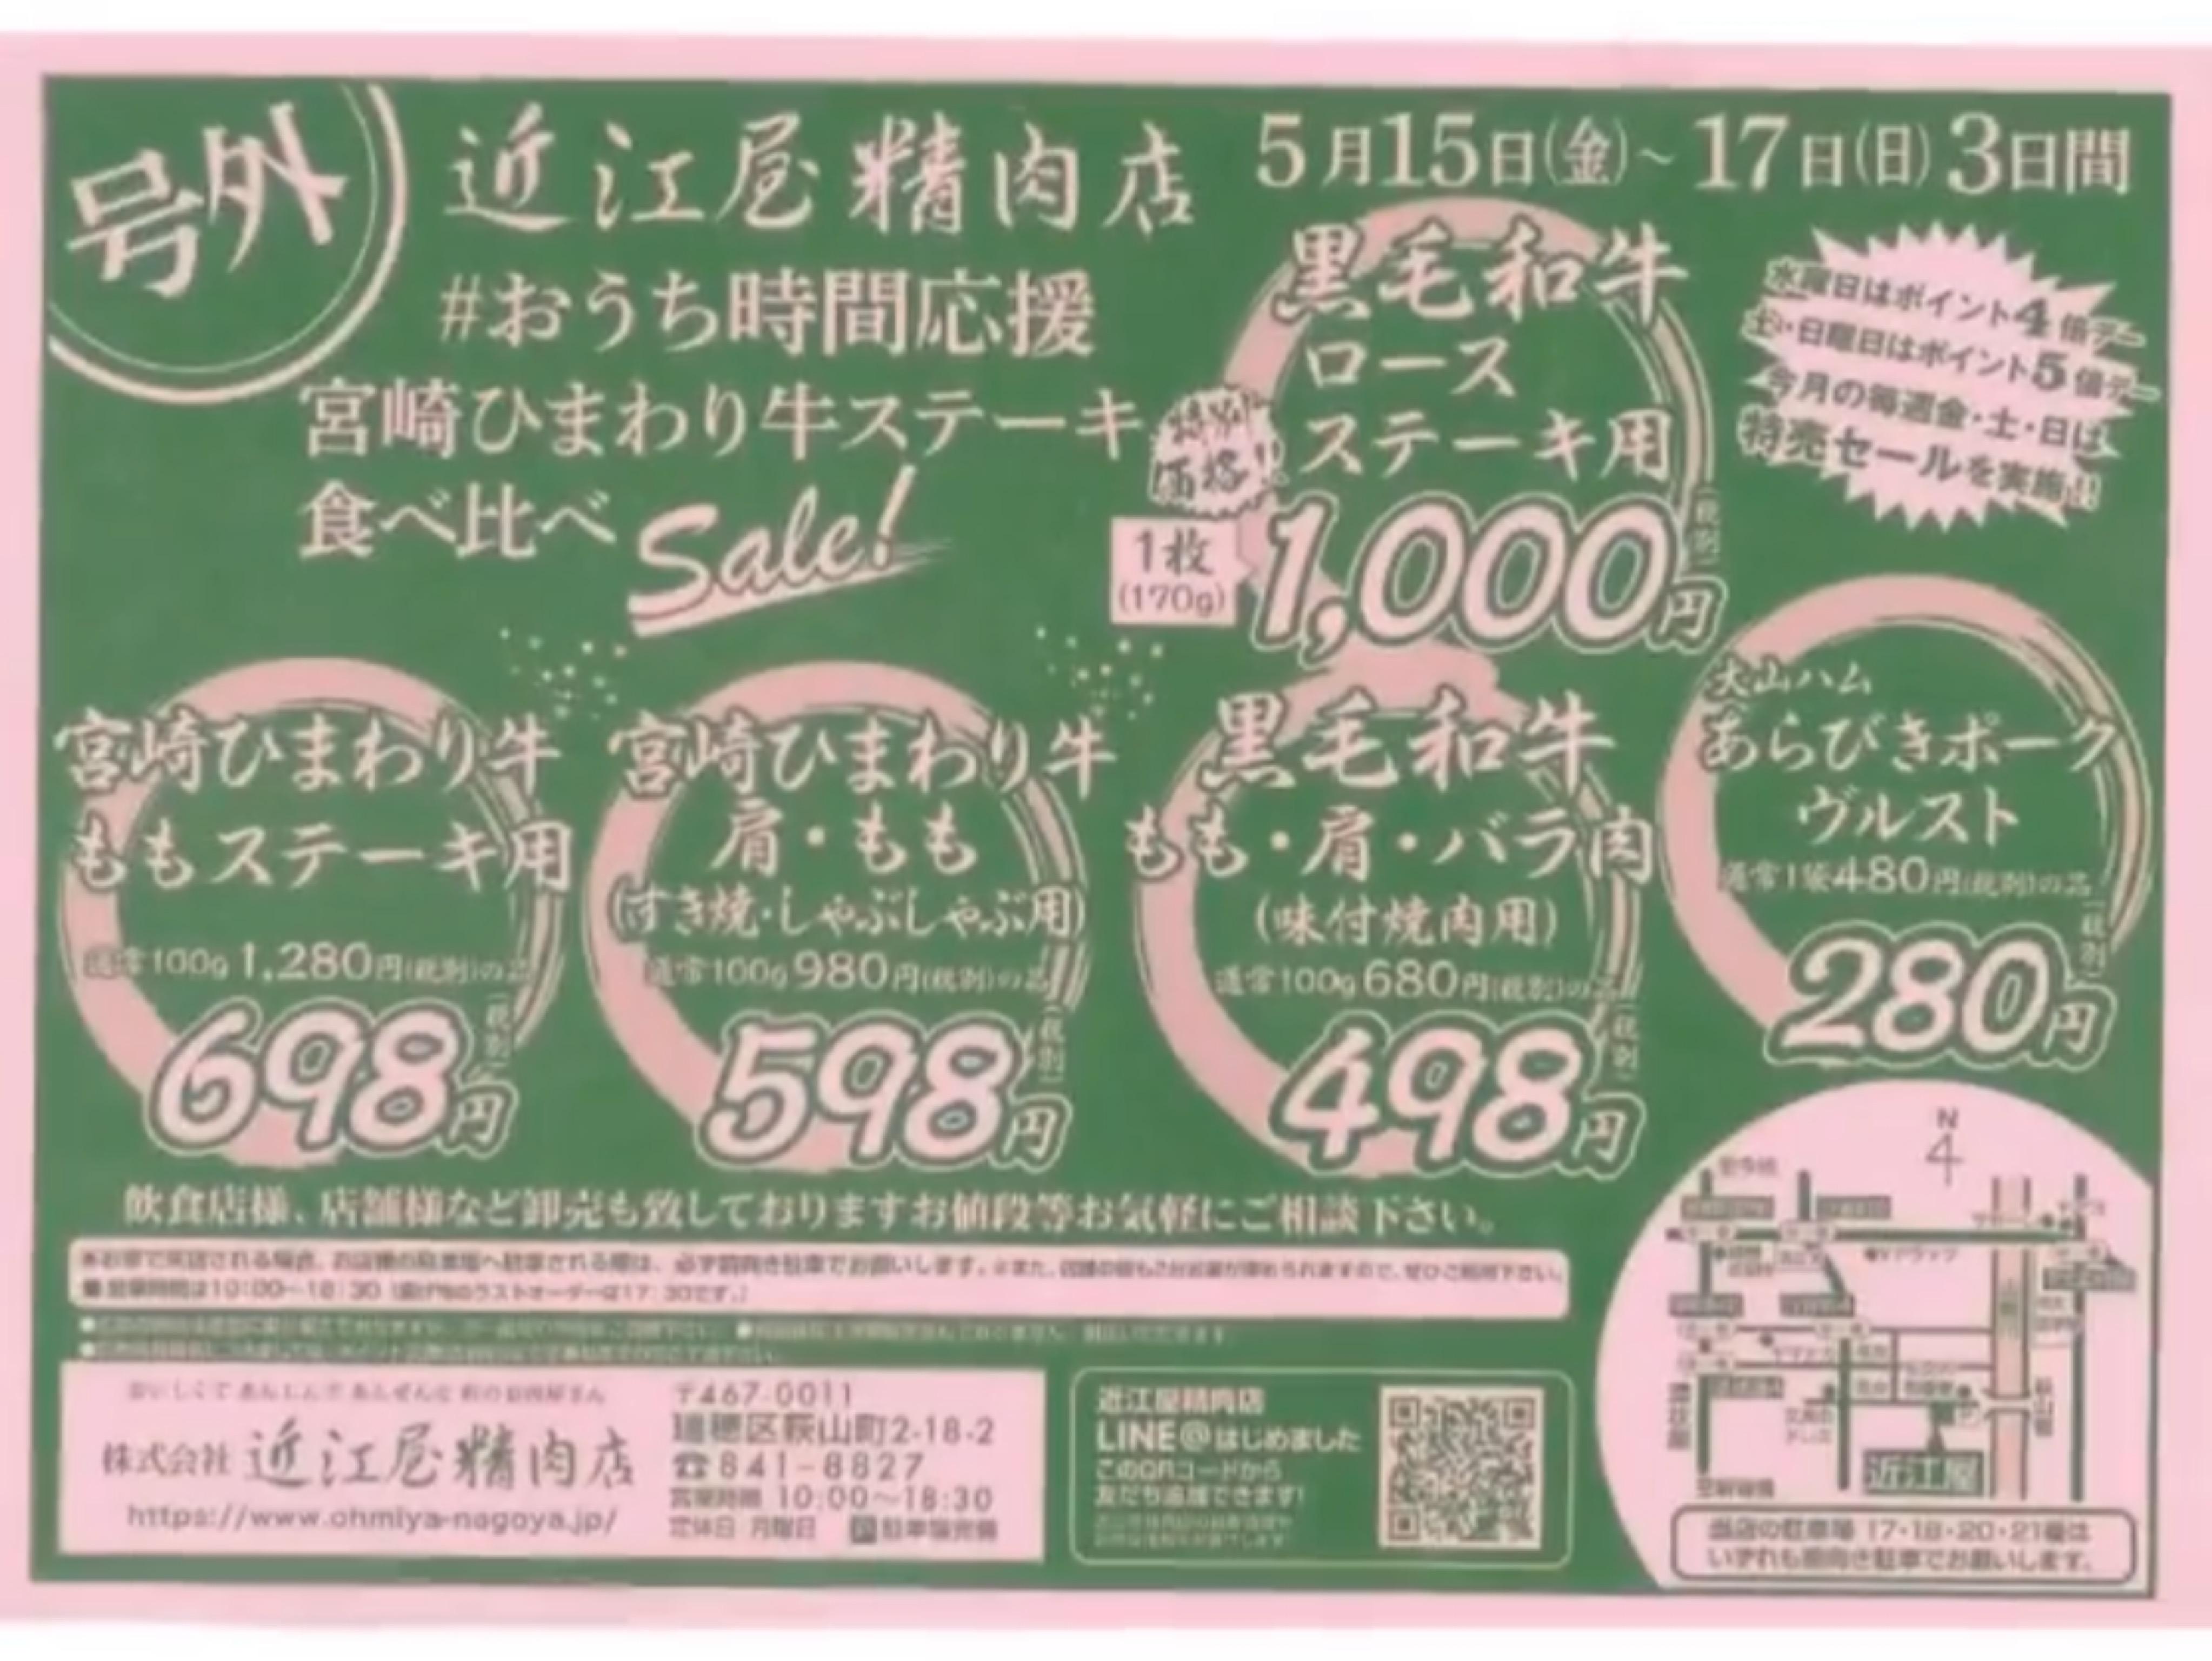 再戦!黒毛和牛VS宮崎ひまわり牛セール!